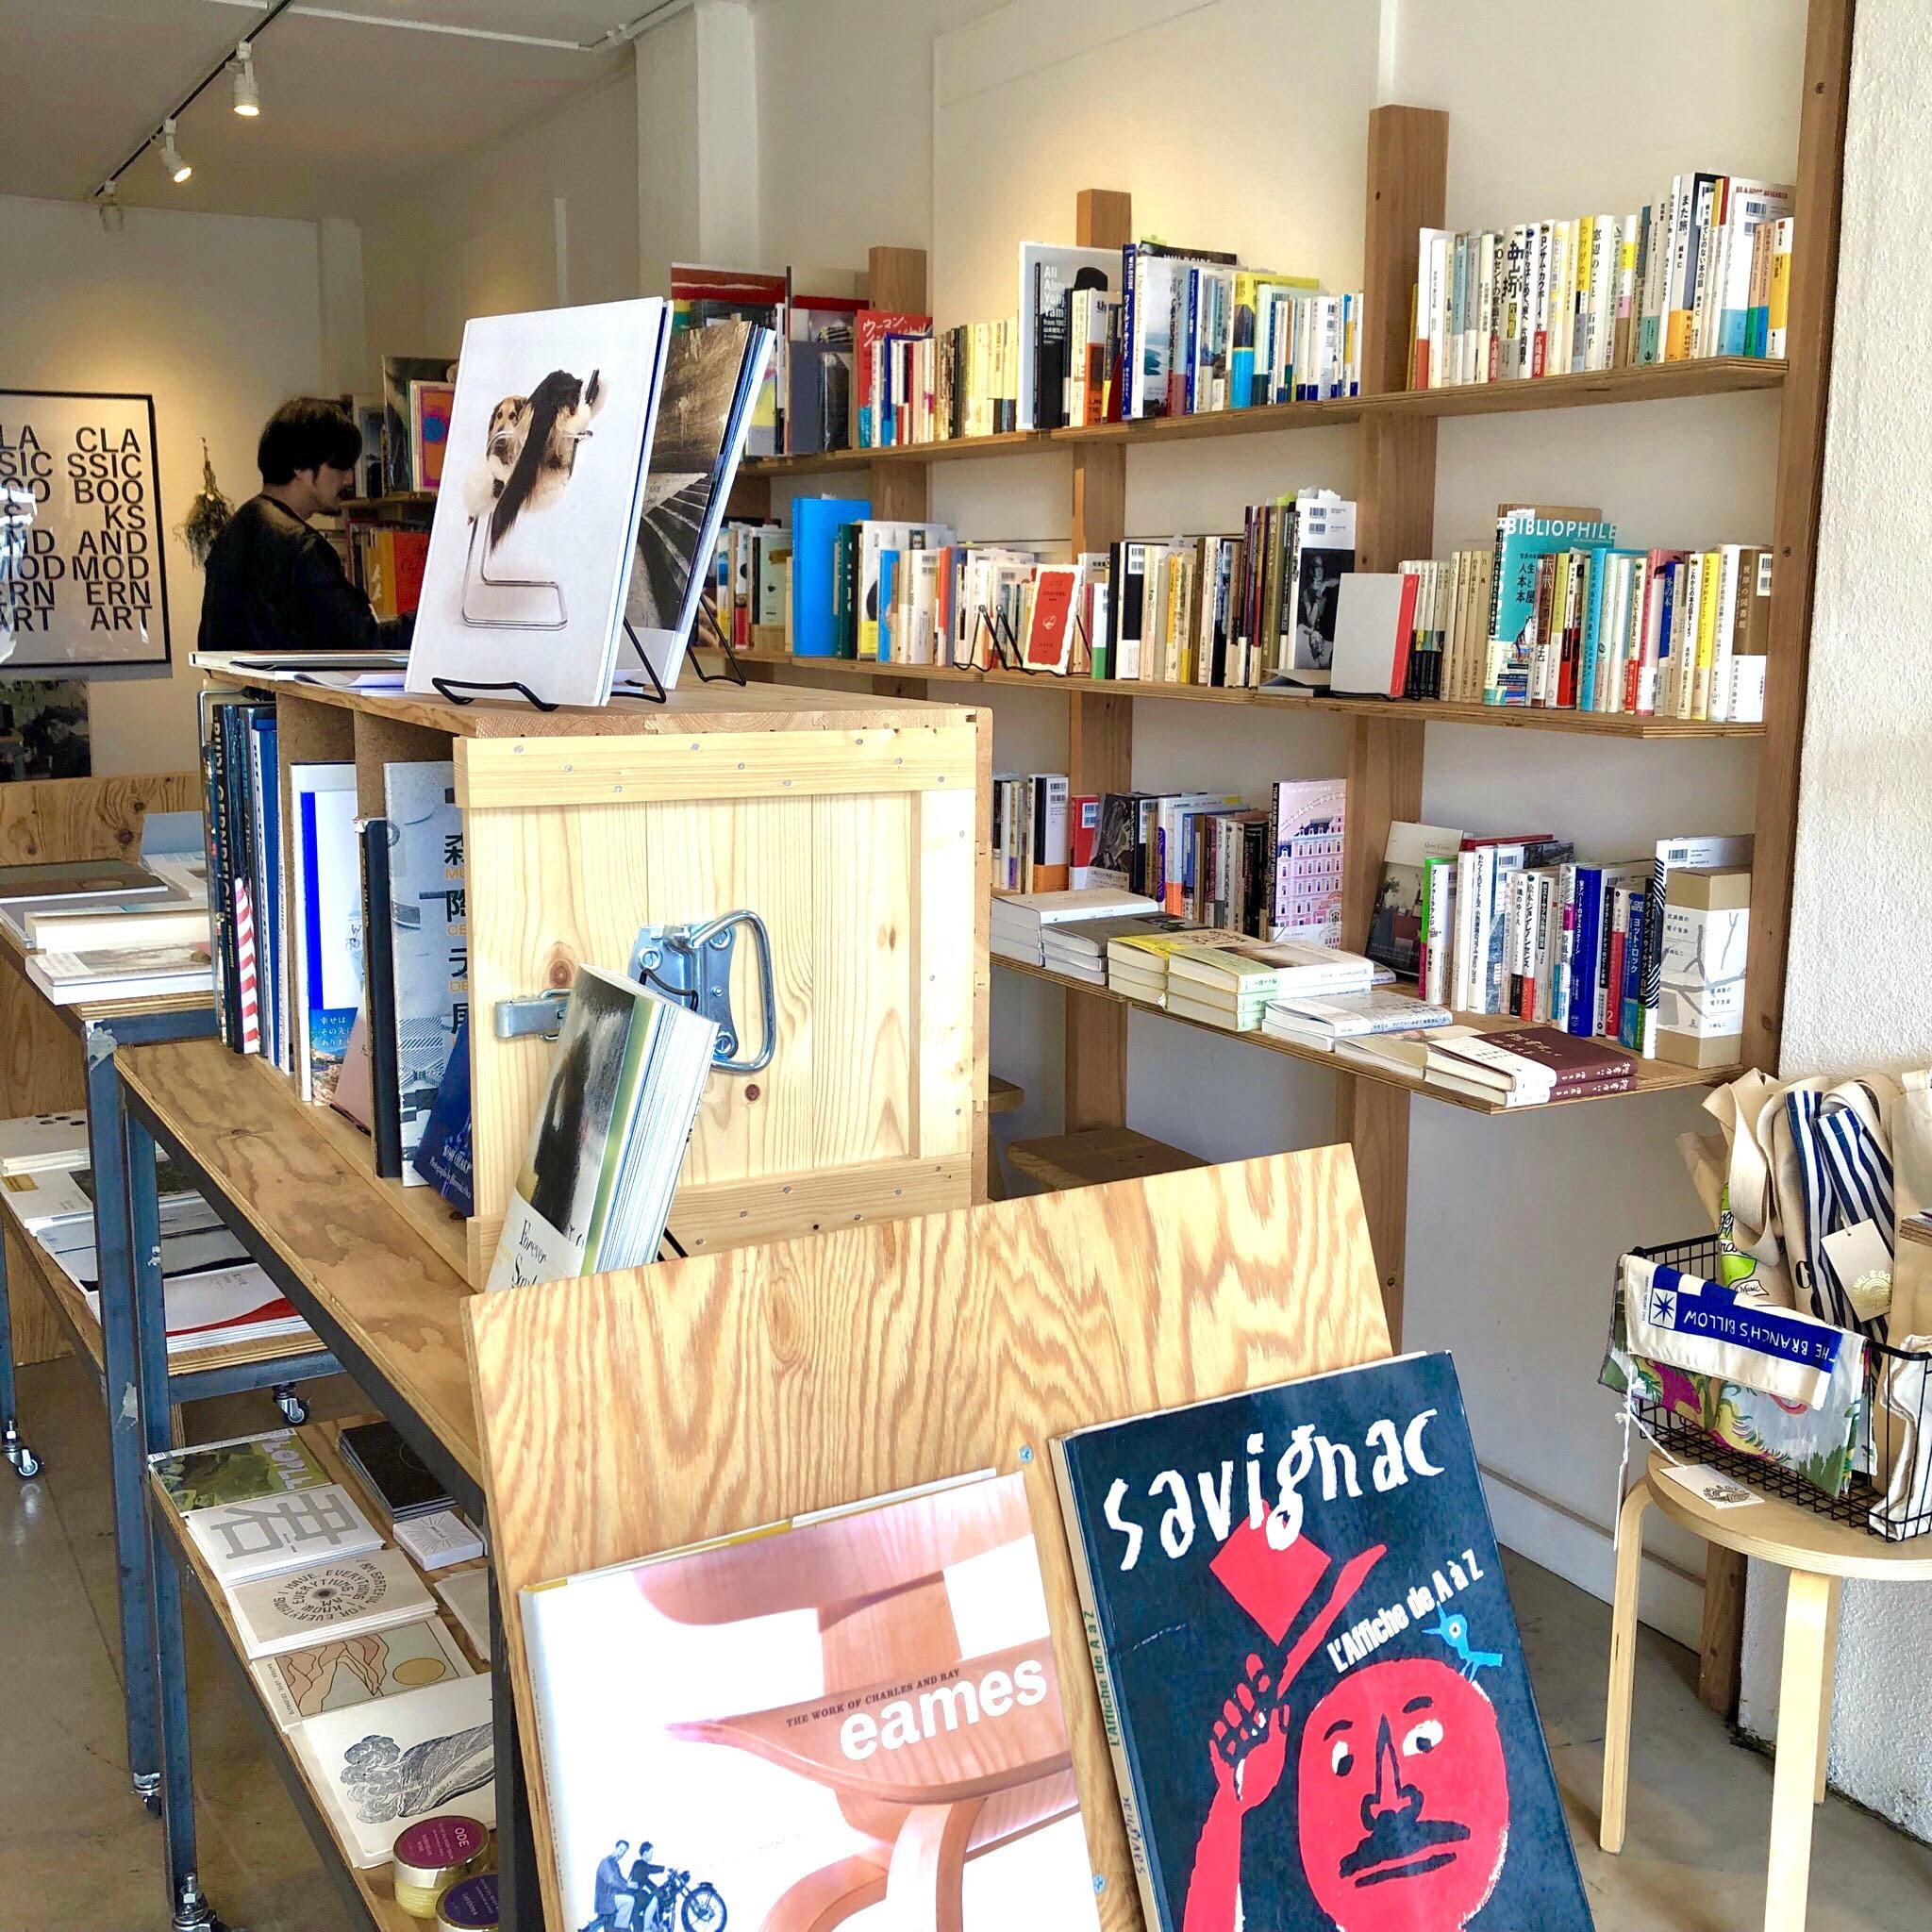 さまざまな書籍や雑貨が並ぶ店内